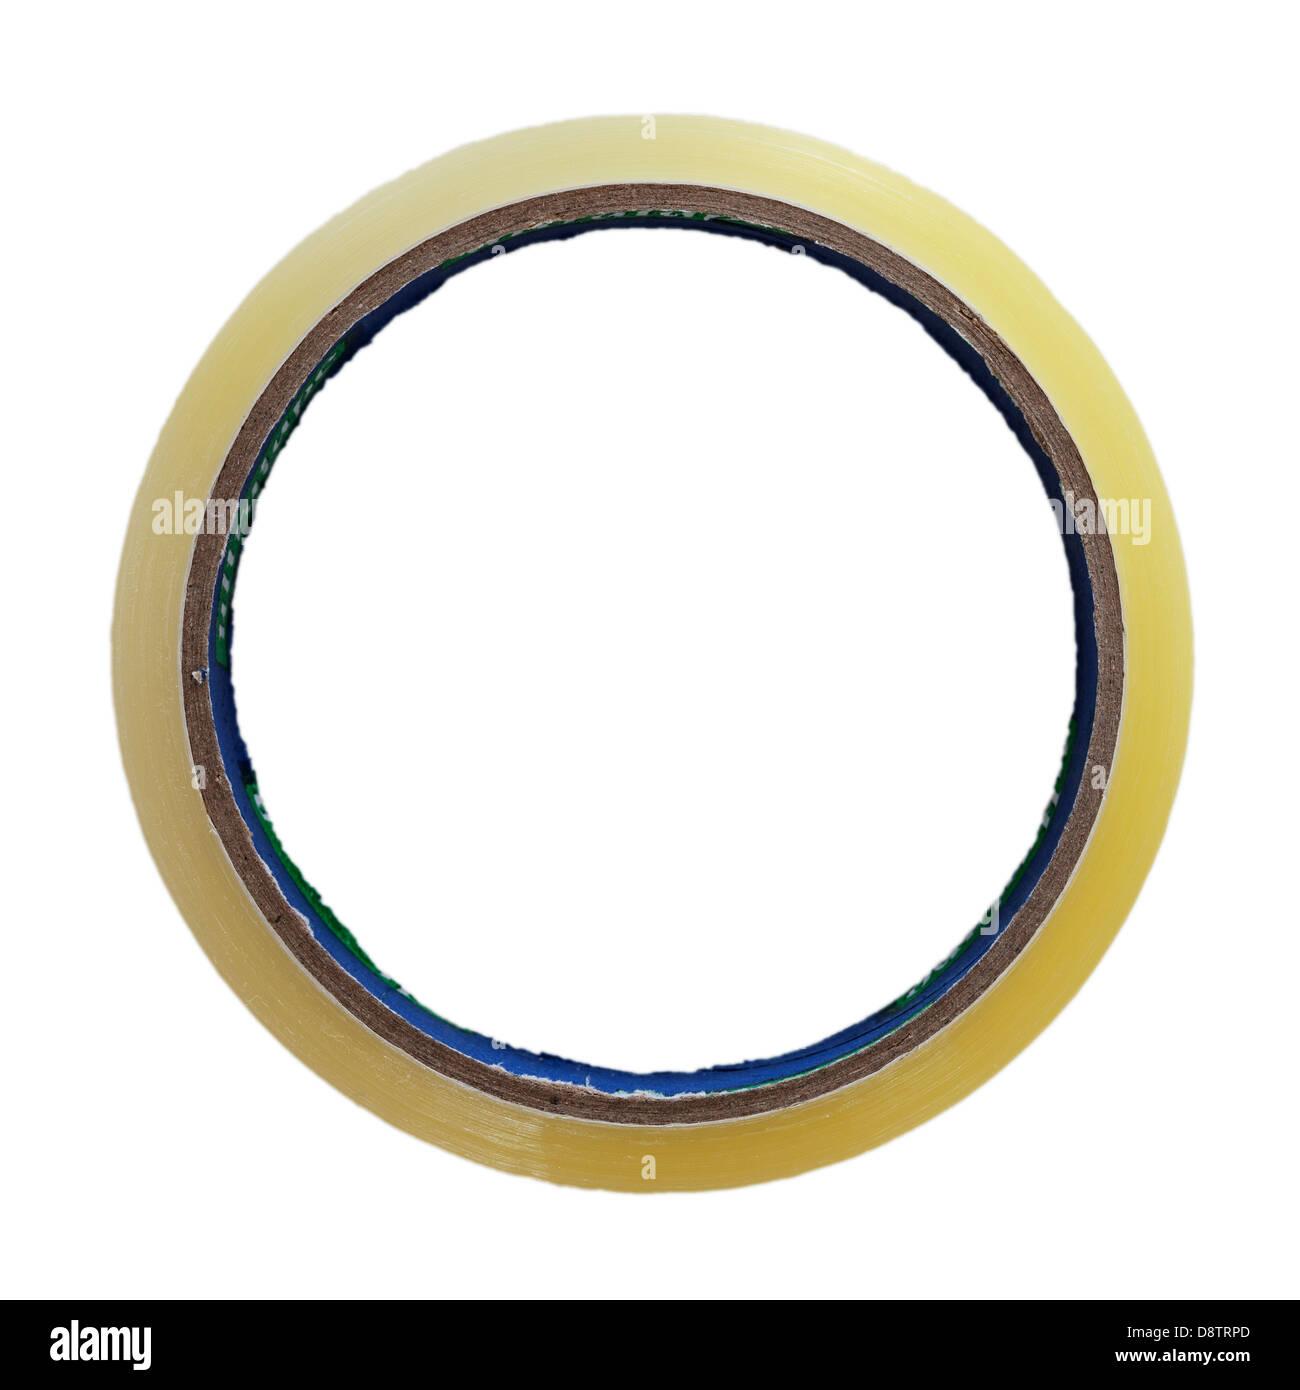 Un rollo de cinta adhesiva cellotape sobre un fondo blanco. Imagen De Stock